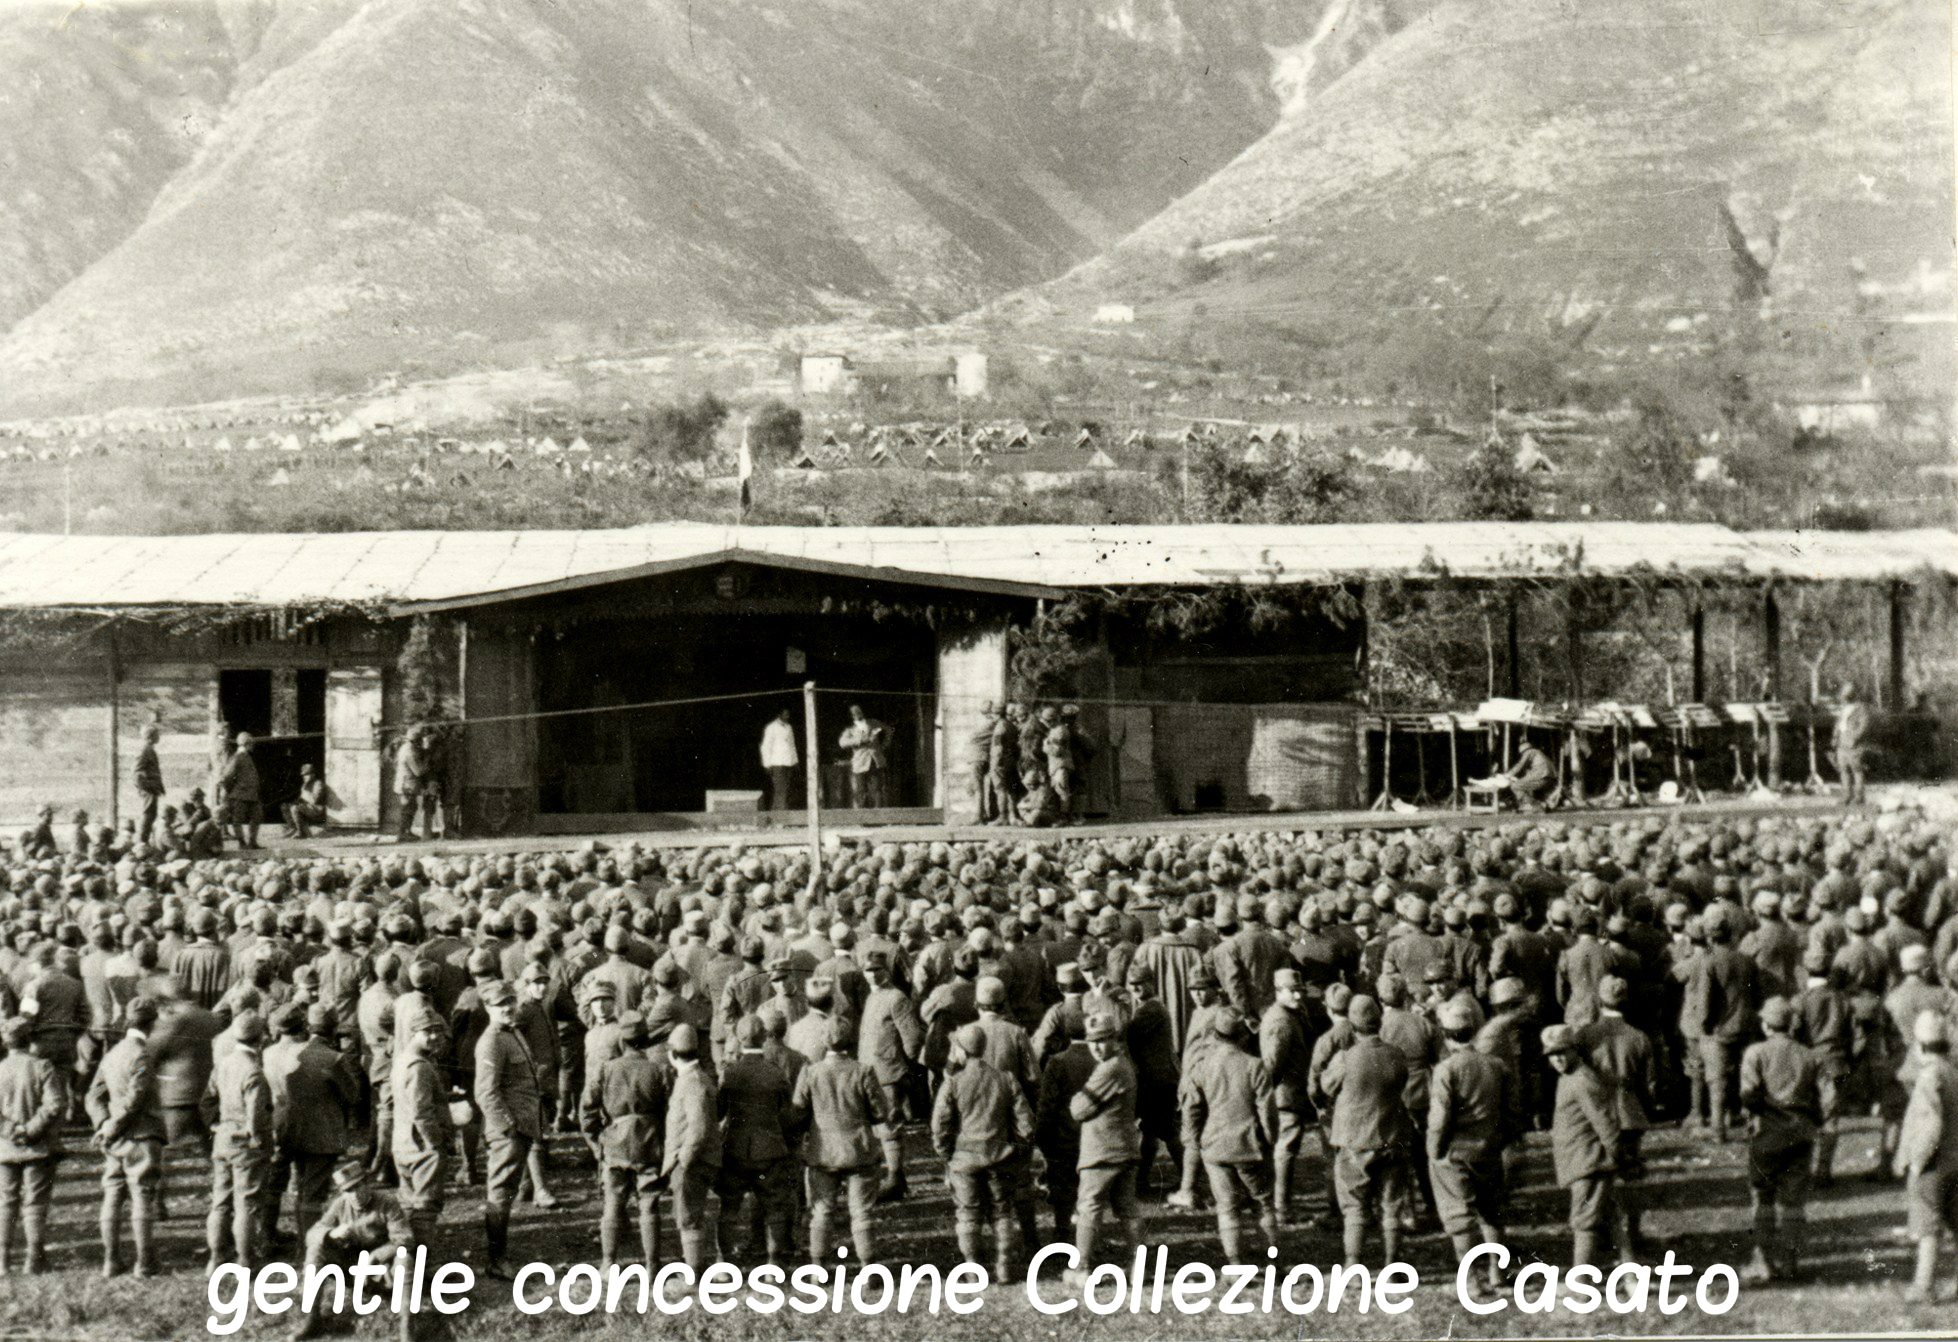 166 - Reparto della Cremona assiste allo spettacolo nel - Teatrino del fante - nelle campagne di Borso criptata.jpg